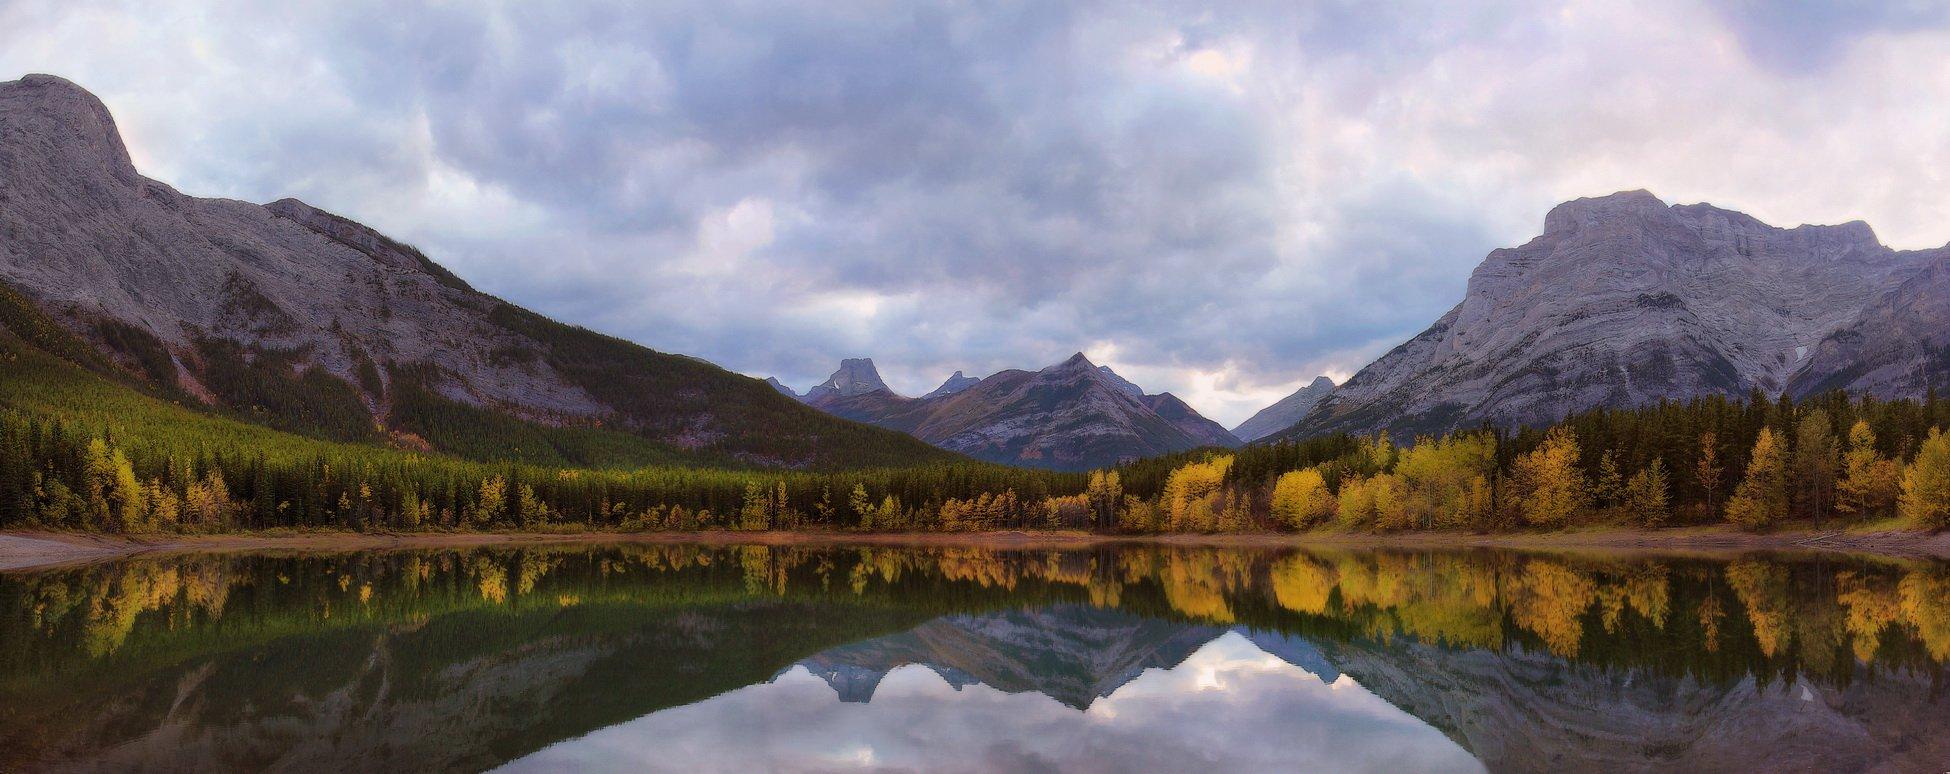 канада, скалистые горы, озеро, осень, отражения, панорама, Екатерина Богданова